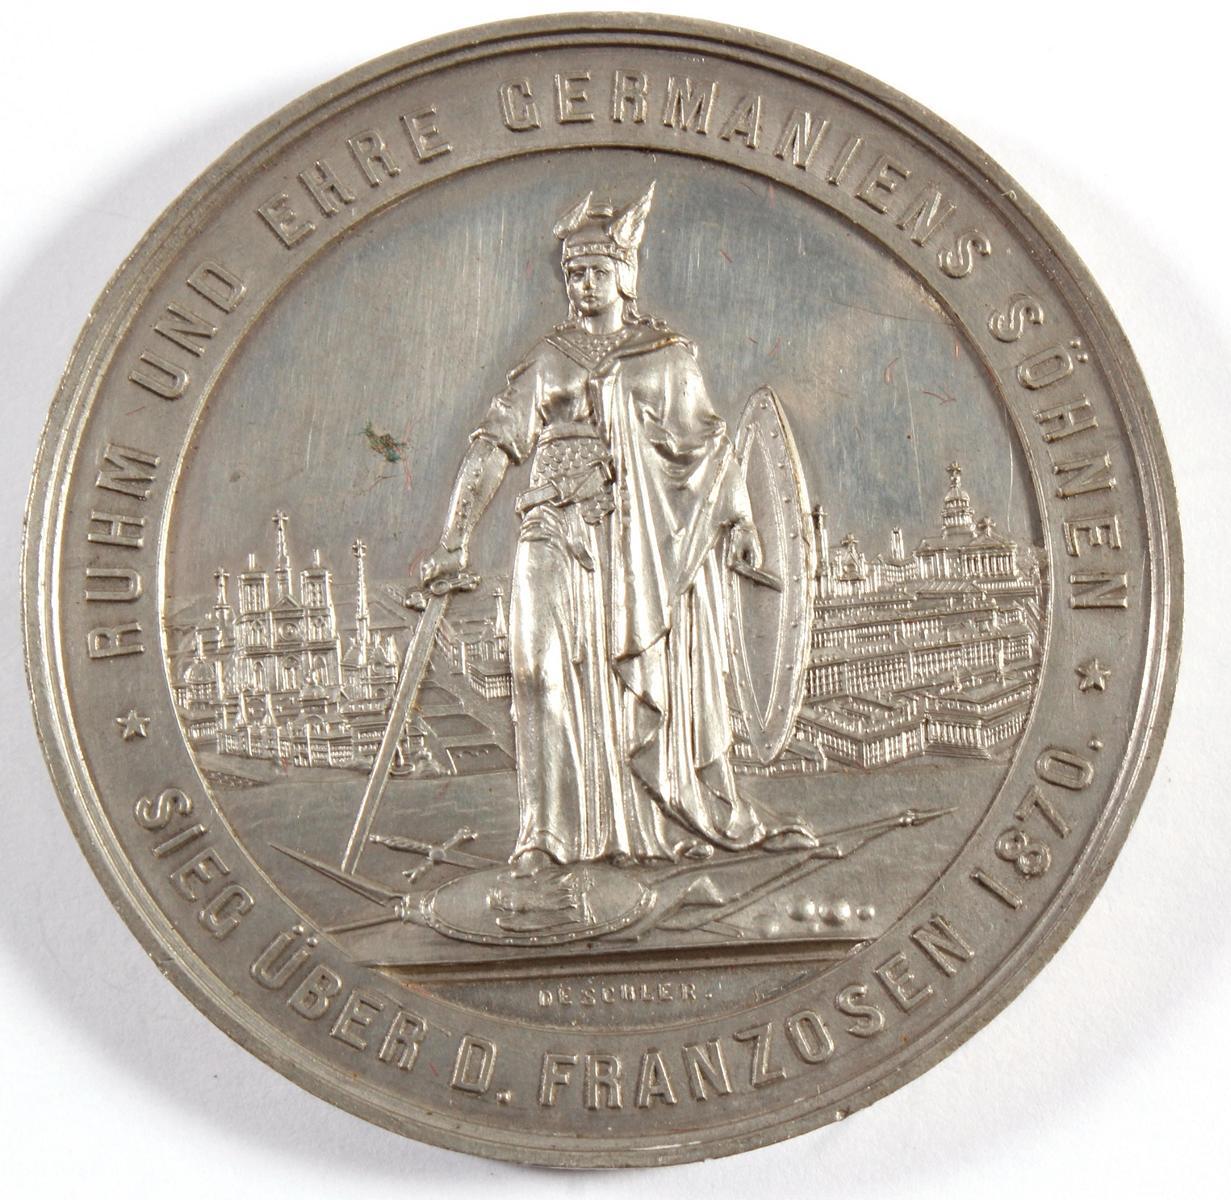 Siegesmedaille Preußen über Frankreich 1870